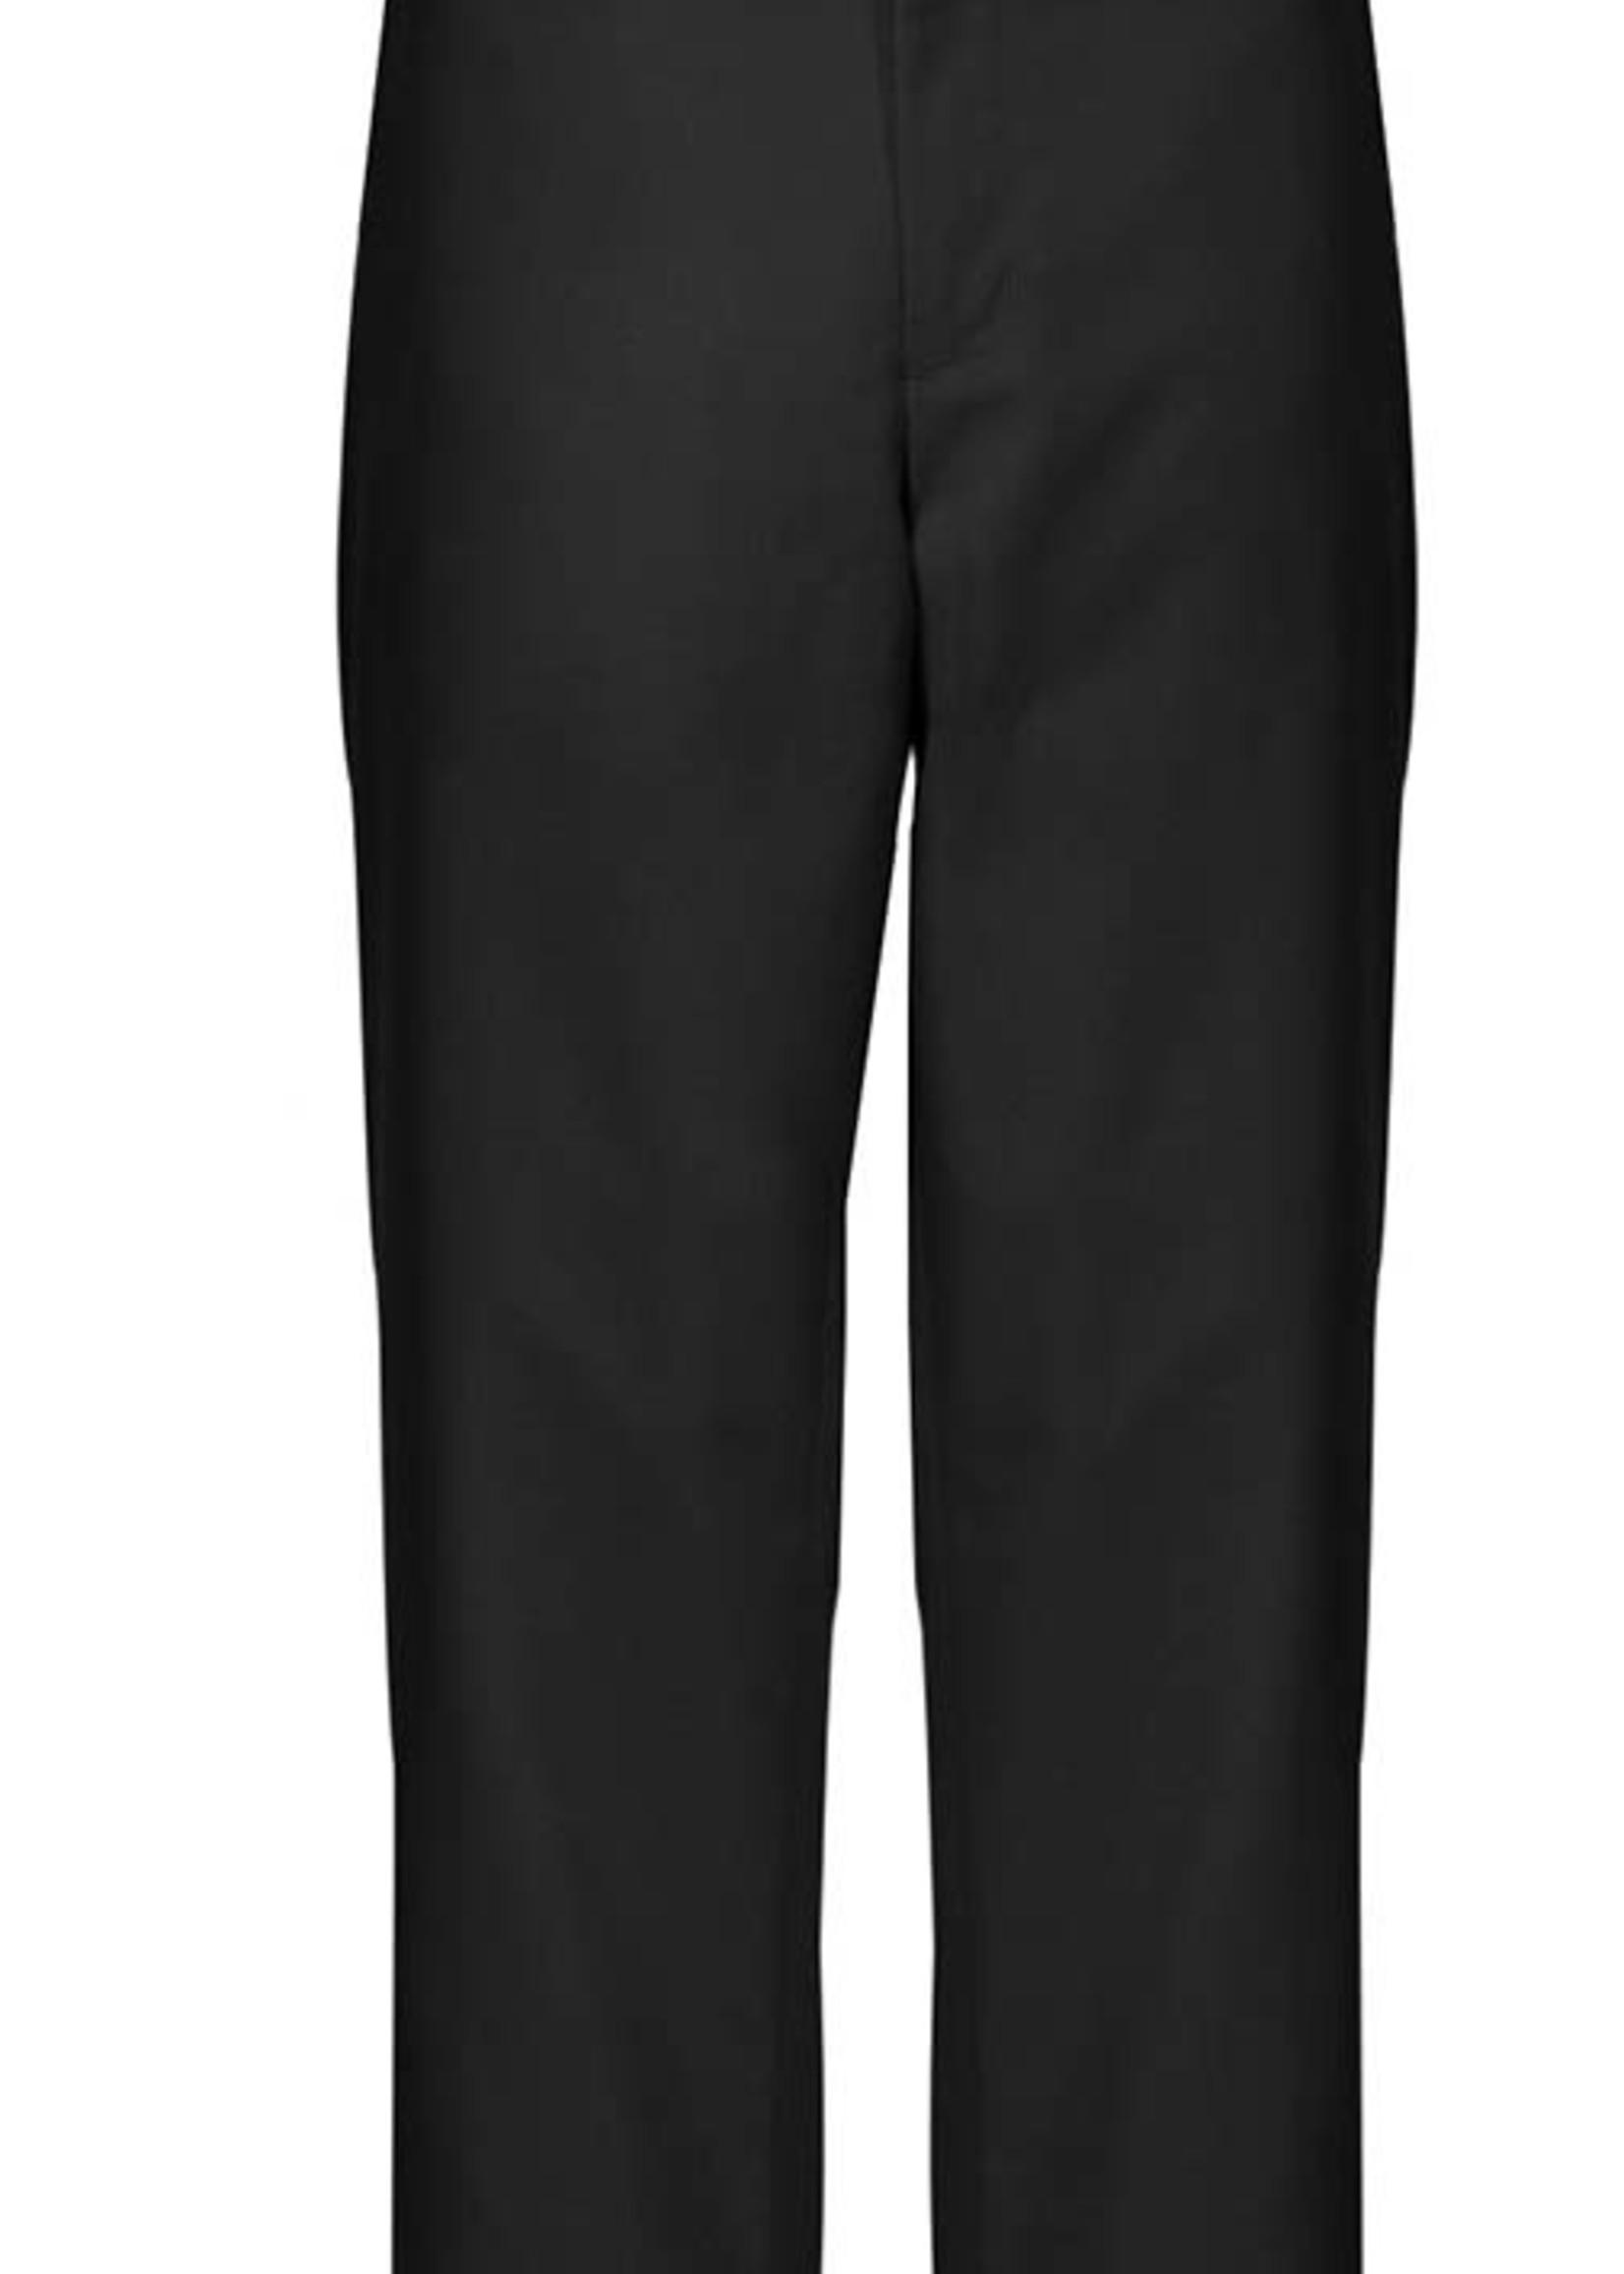 A+ Mens Flat Front Pants